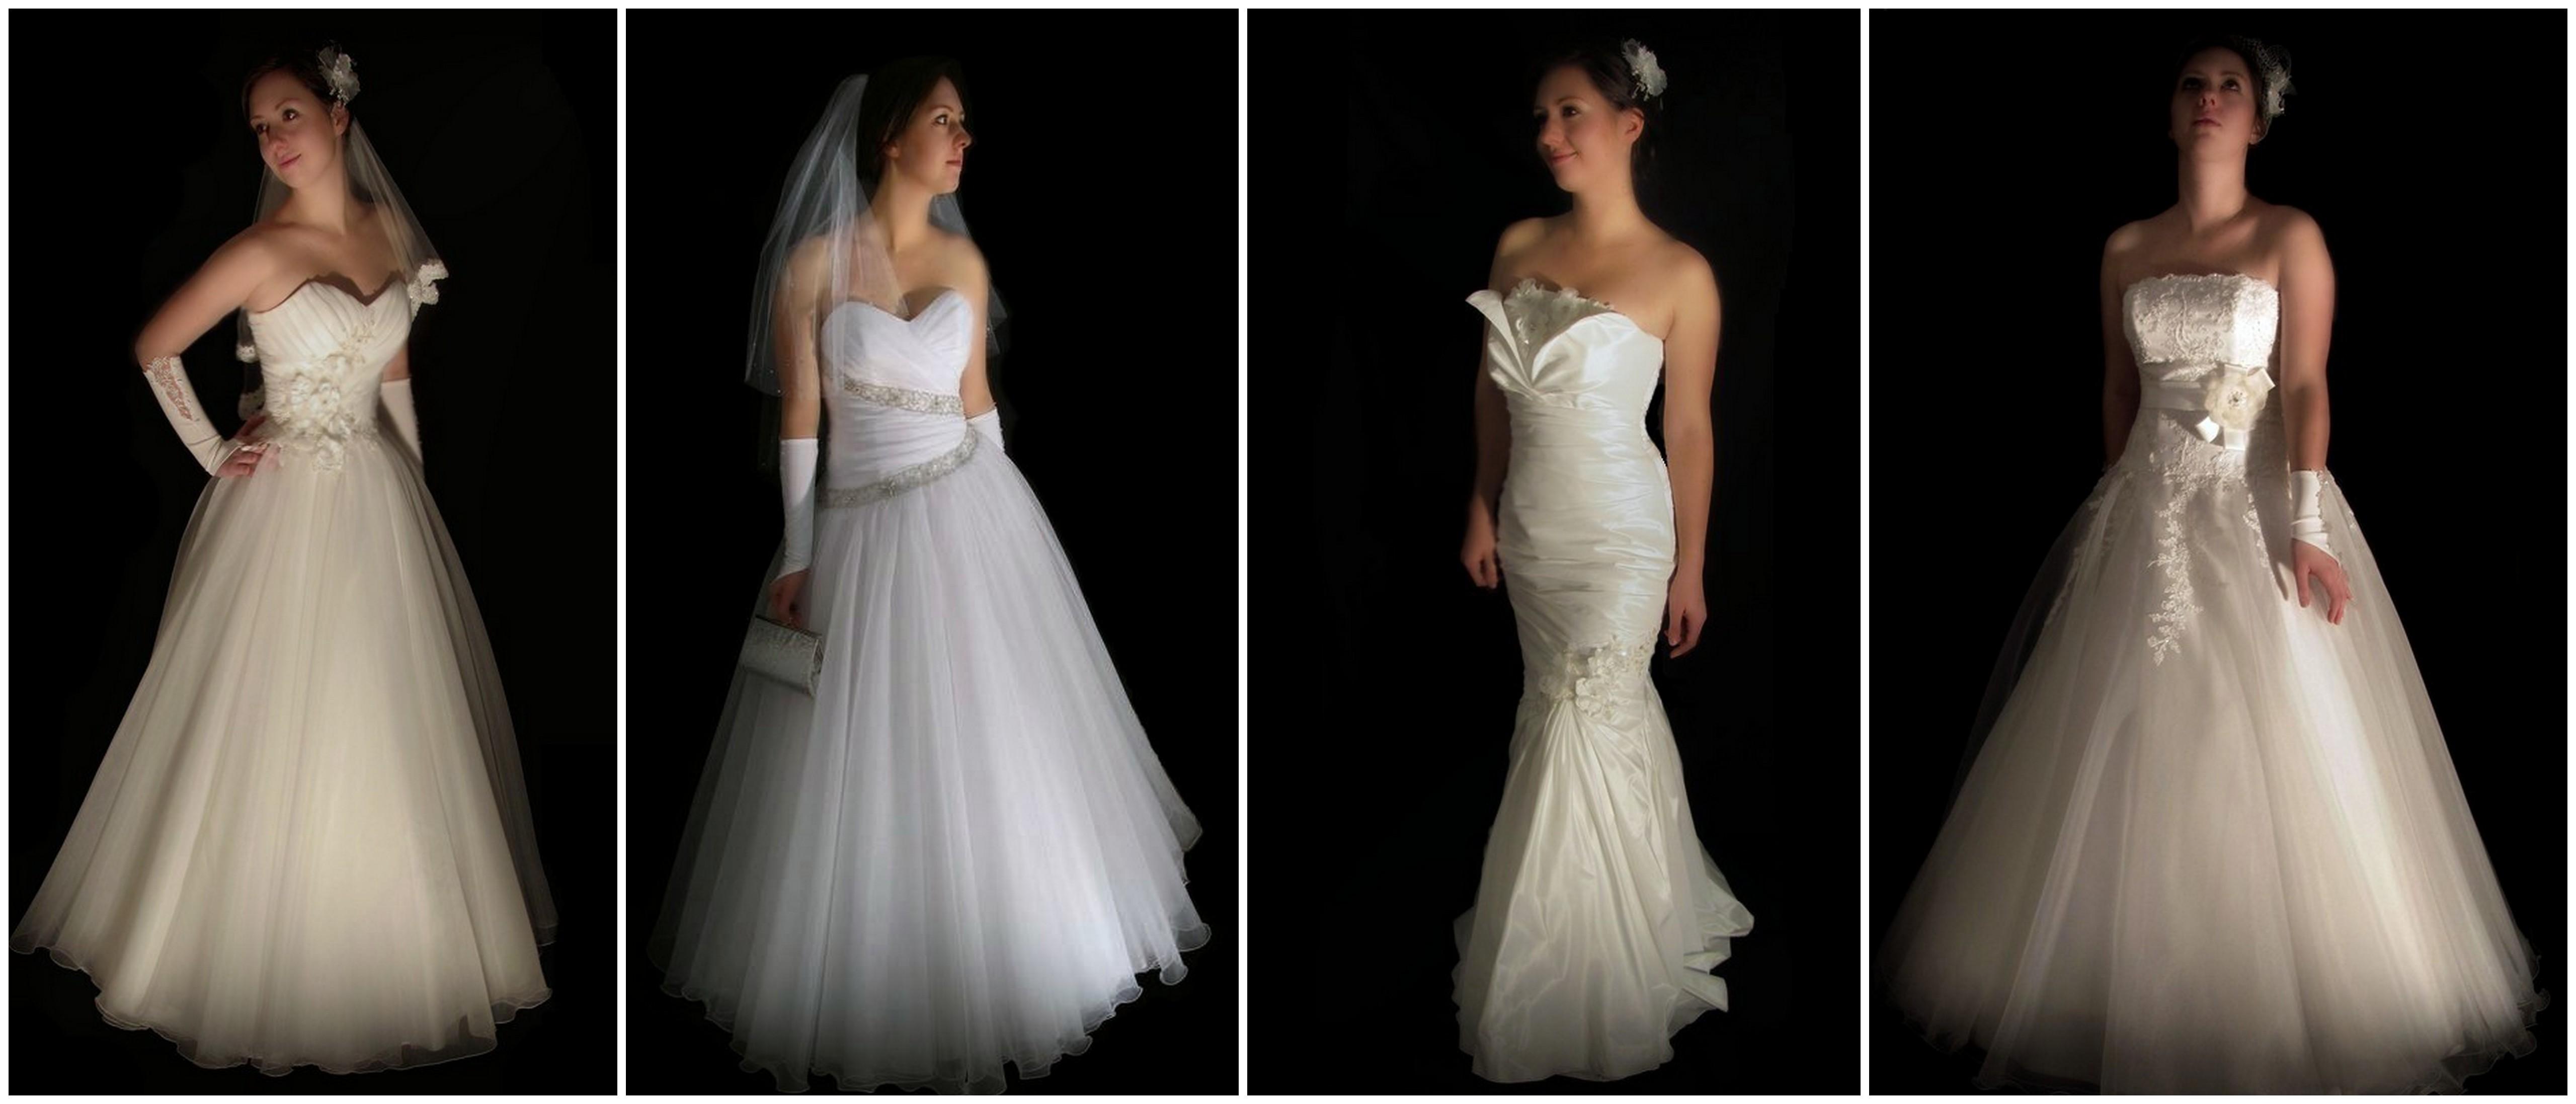 Suknie ślubne Kolekcja 2012 Antacyt Gdynia